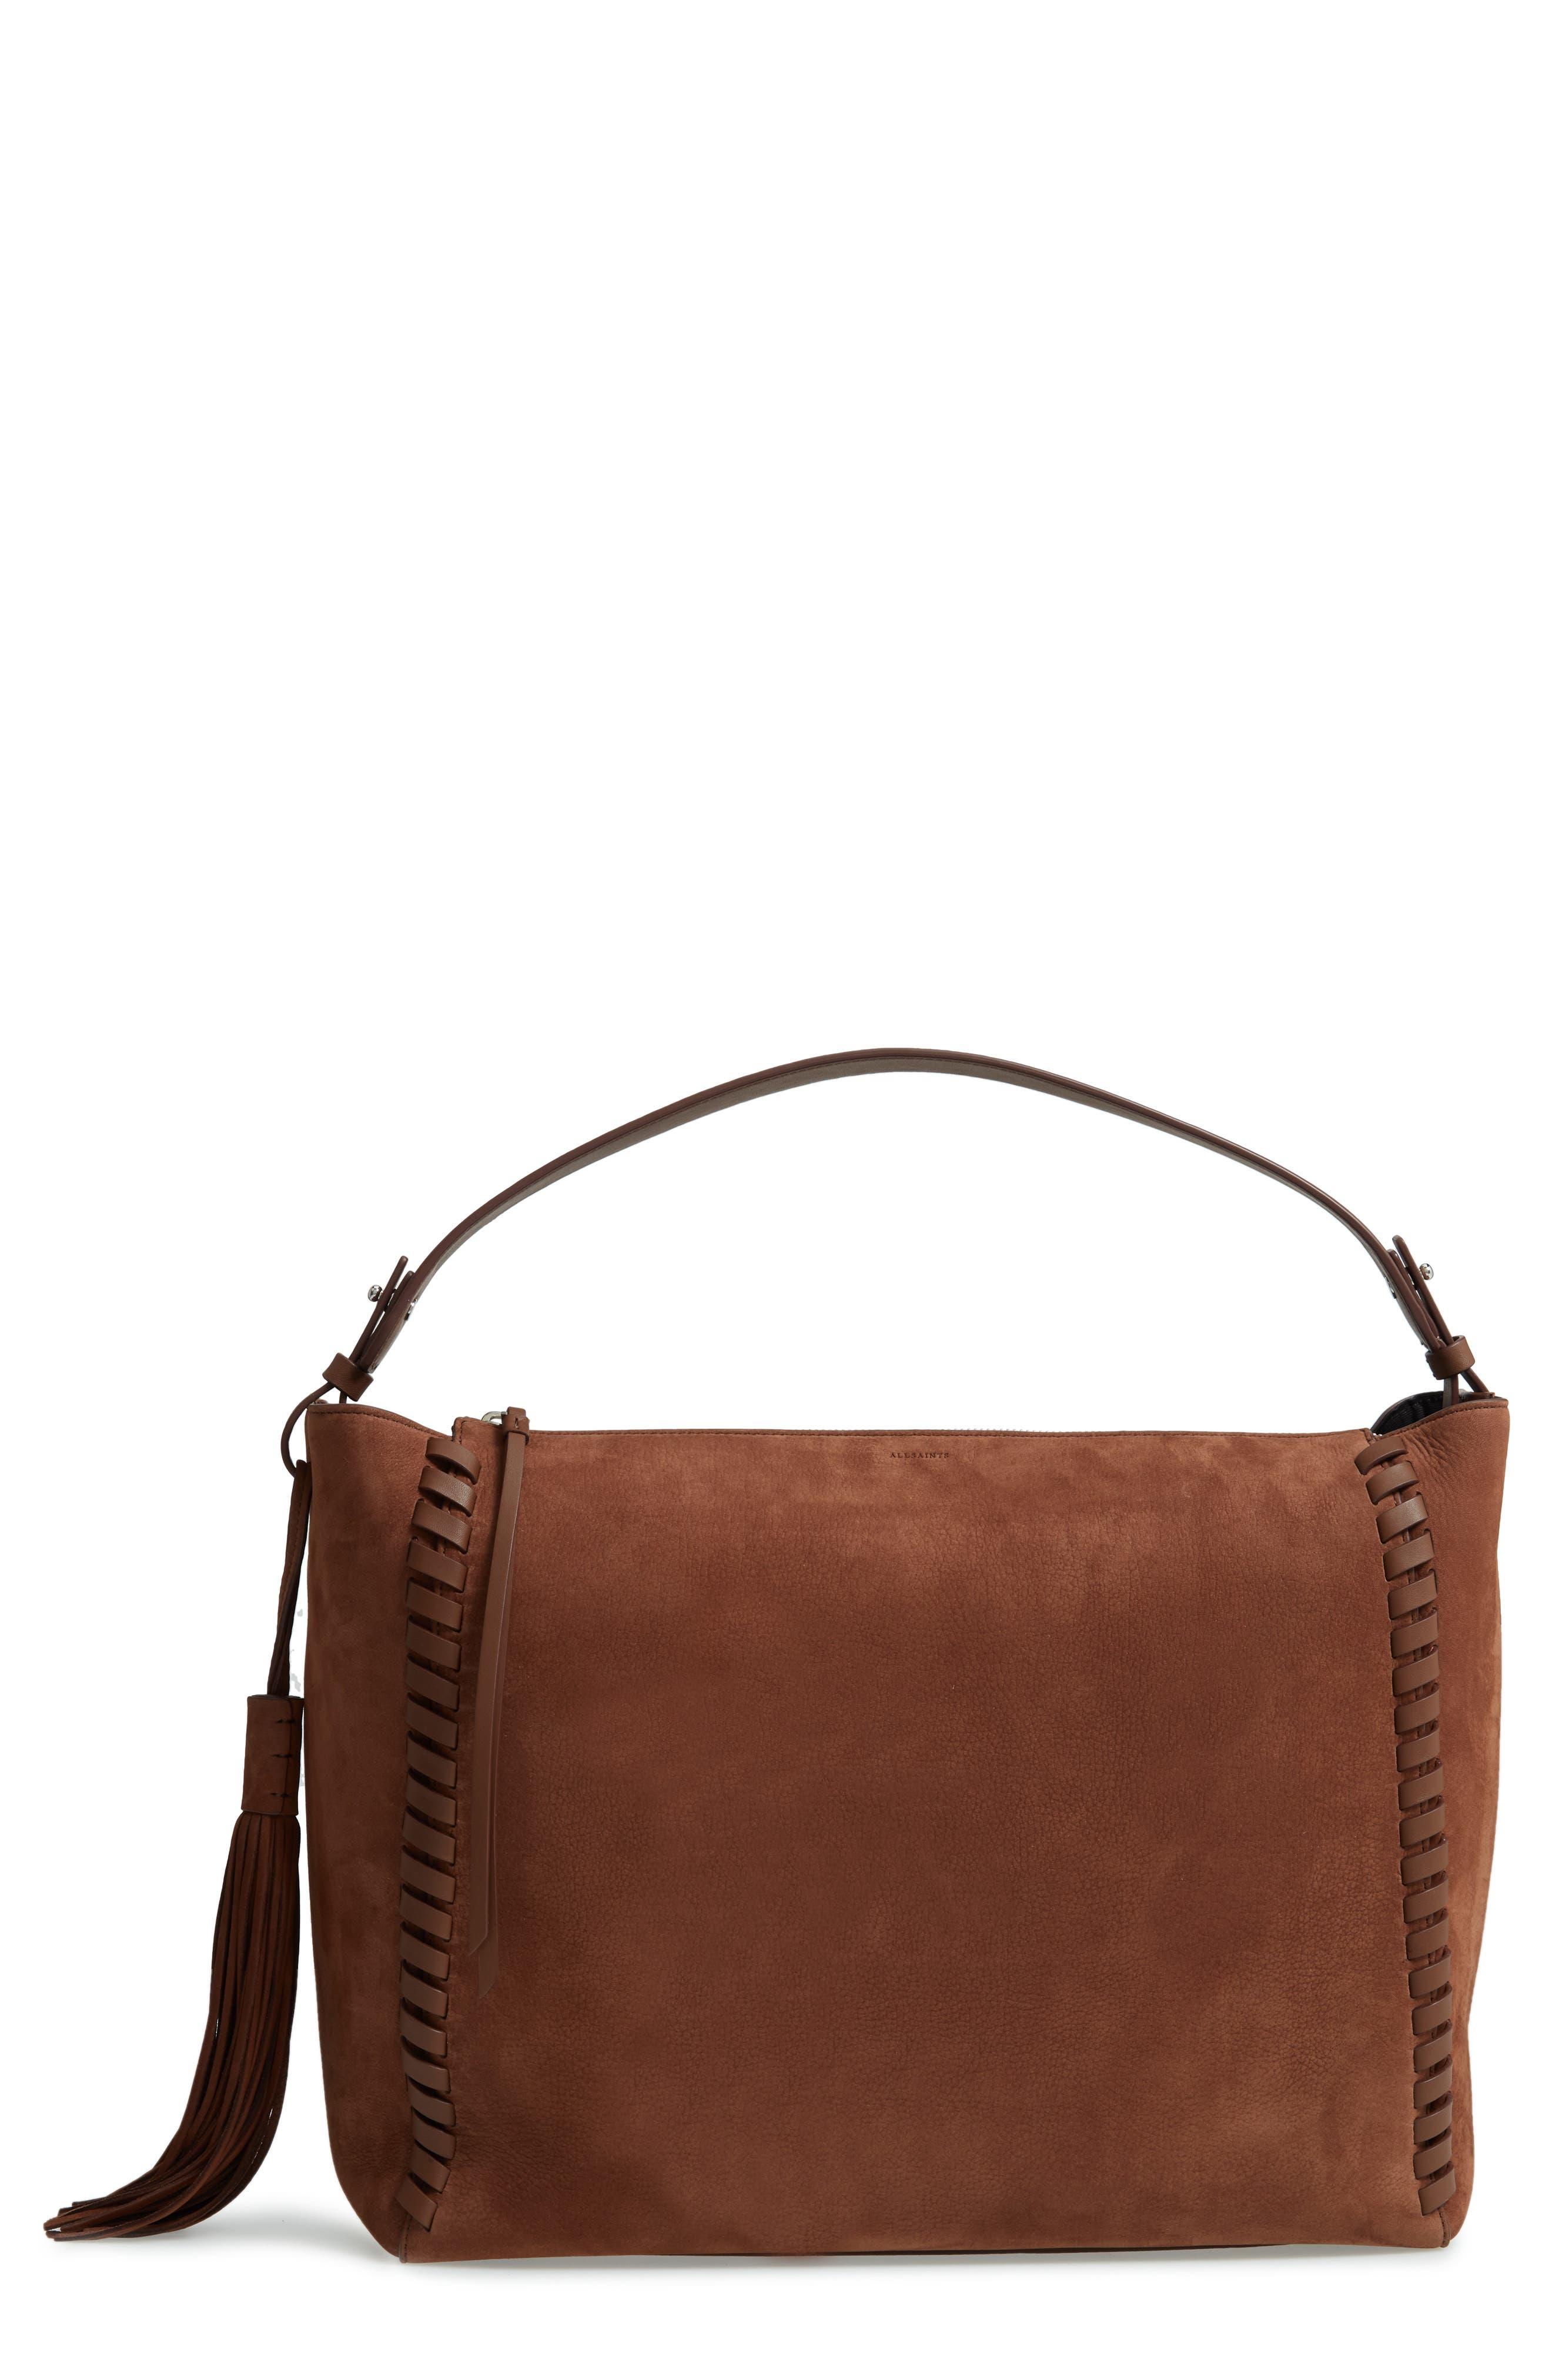 Kepi East/West Leather Shoulder Bag,                             Main thumbnail 1, color,                             210